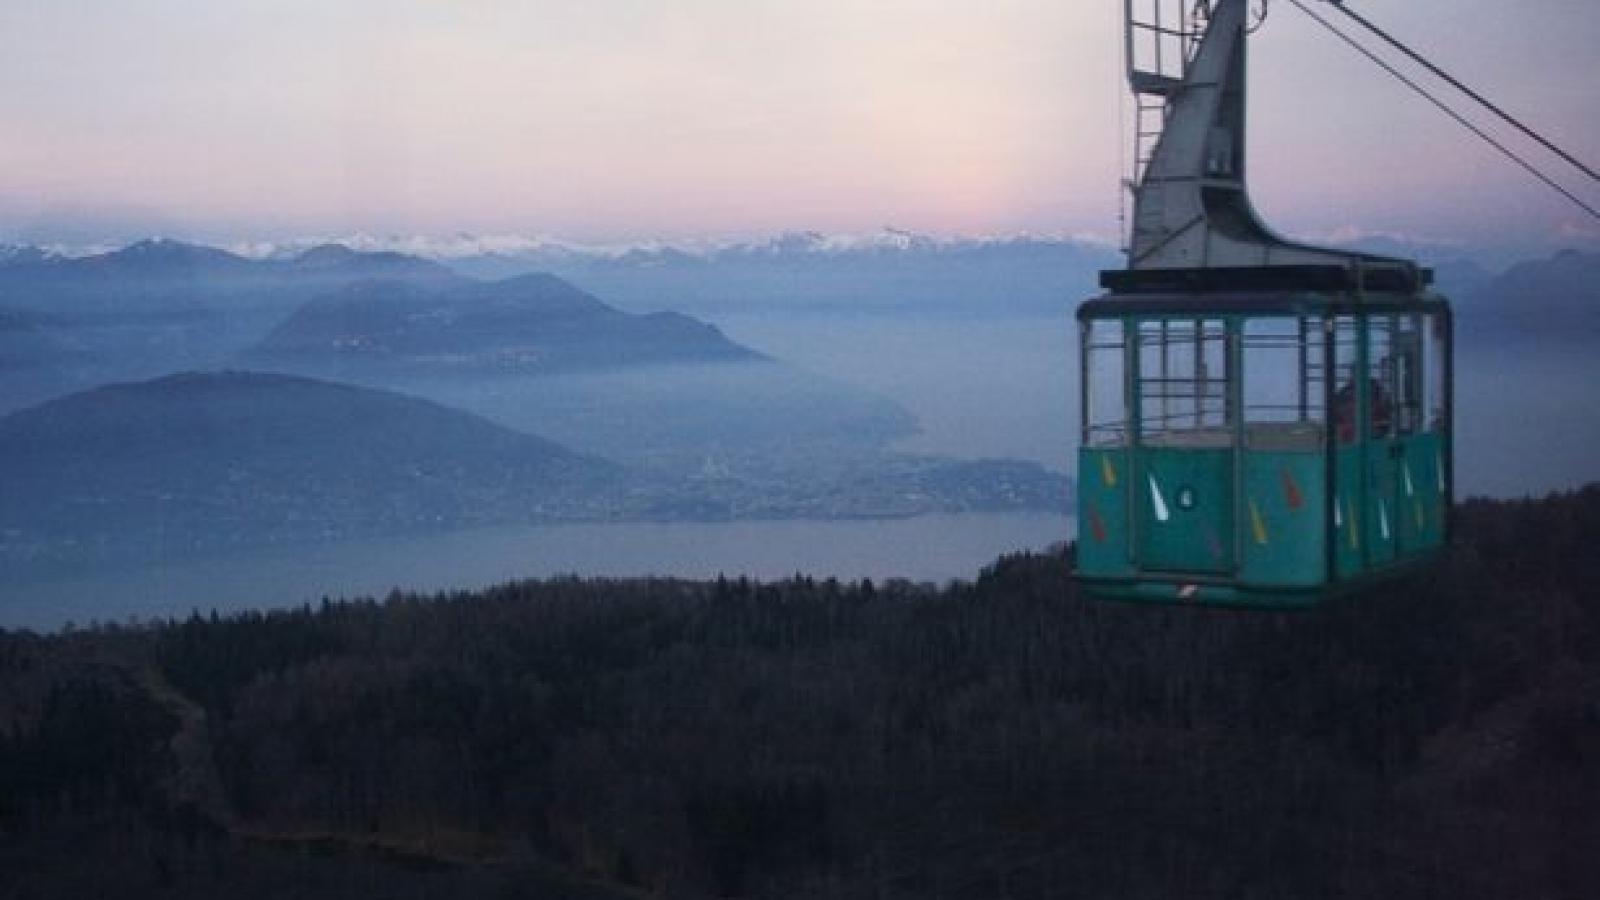 Hiện trường vụ rơi cabin cáp treo làm 14 người chết thảm khốc ở Italy